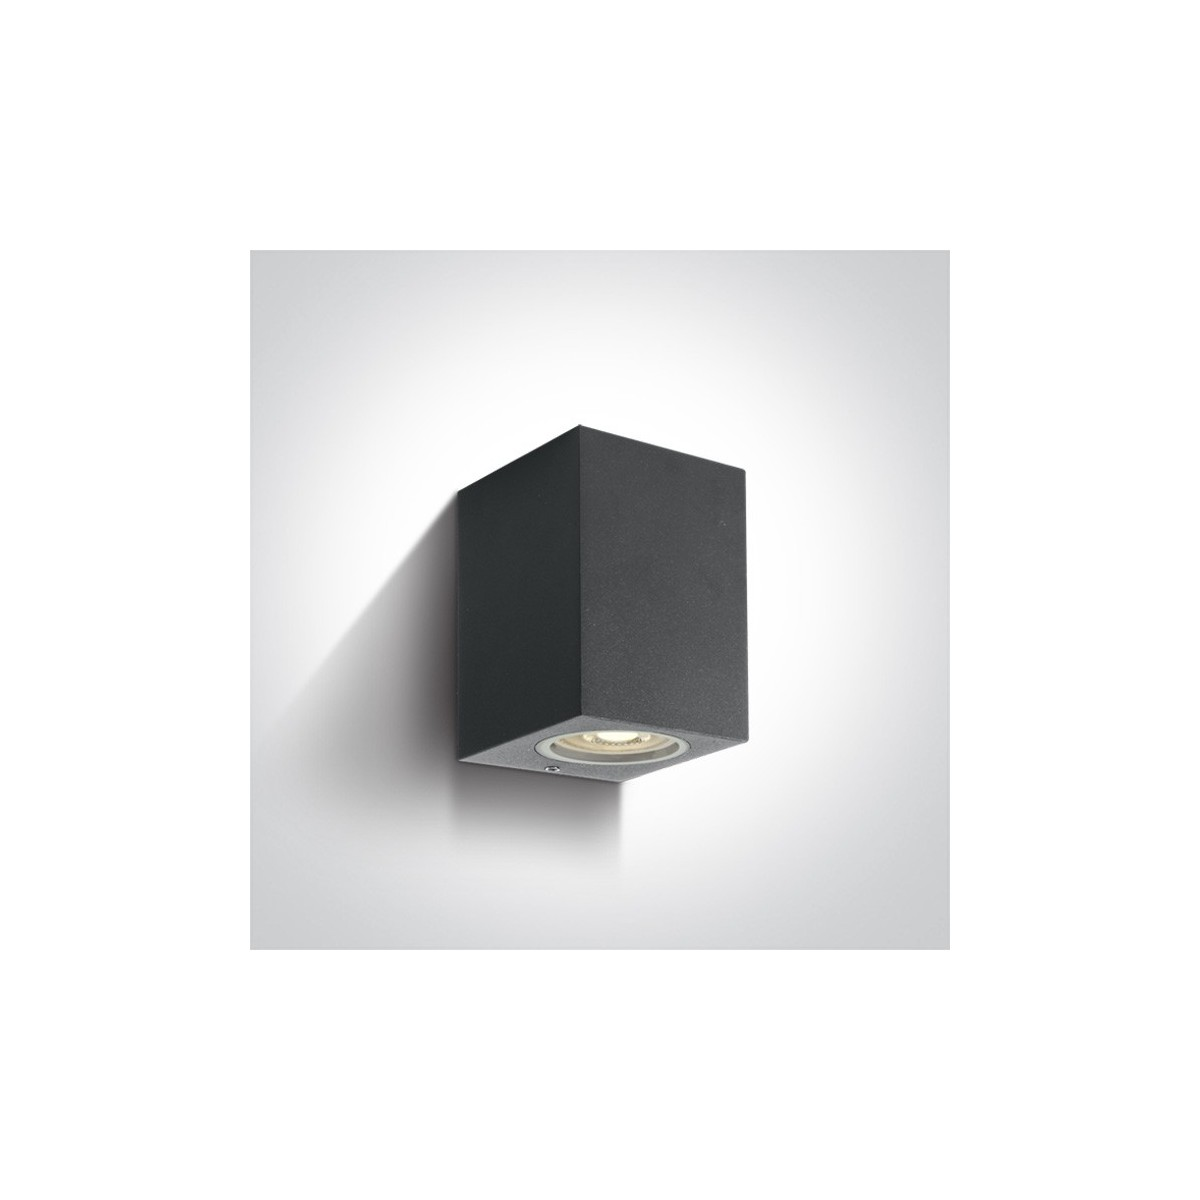 One Light kinkiet kostka antracytowy Arco 67426/AN IP65